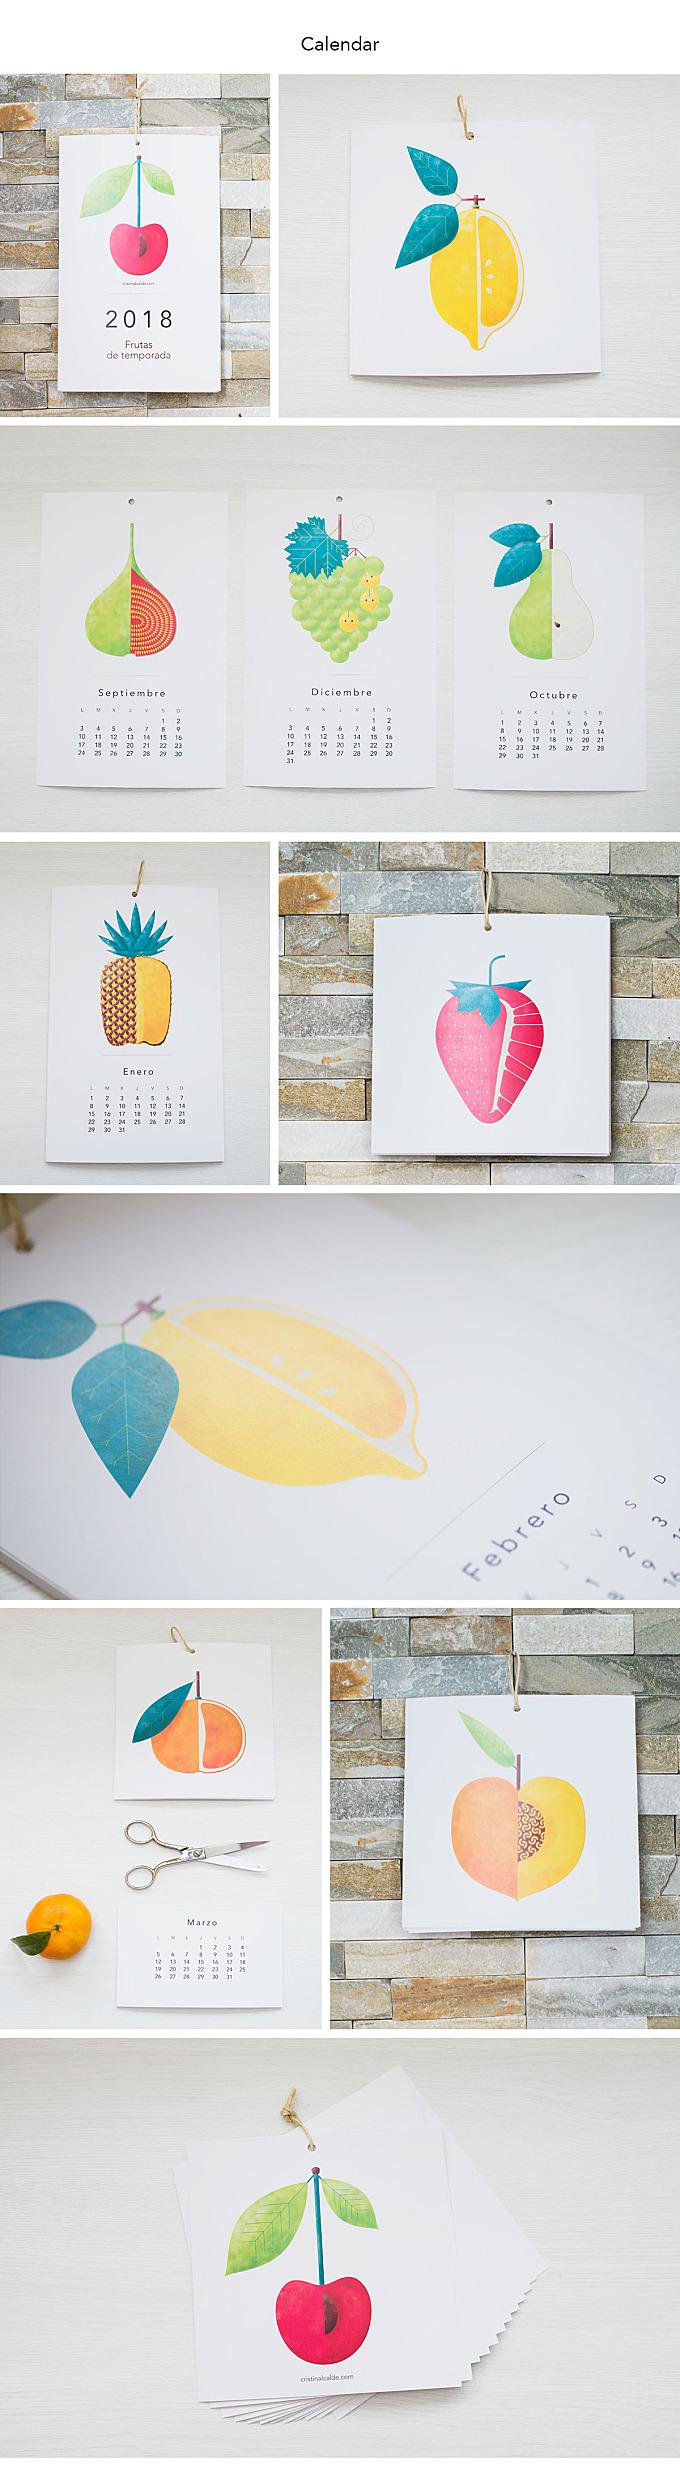 Seasonal fruit | Calendar/Collection